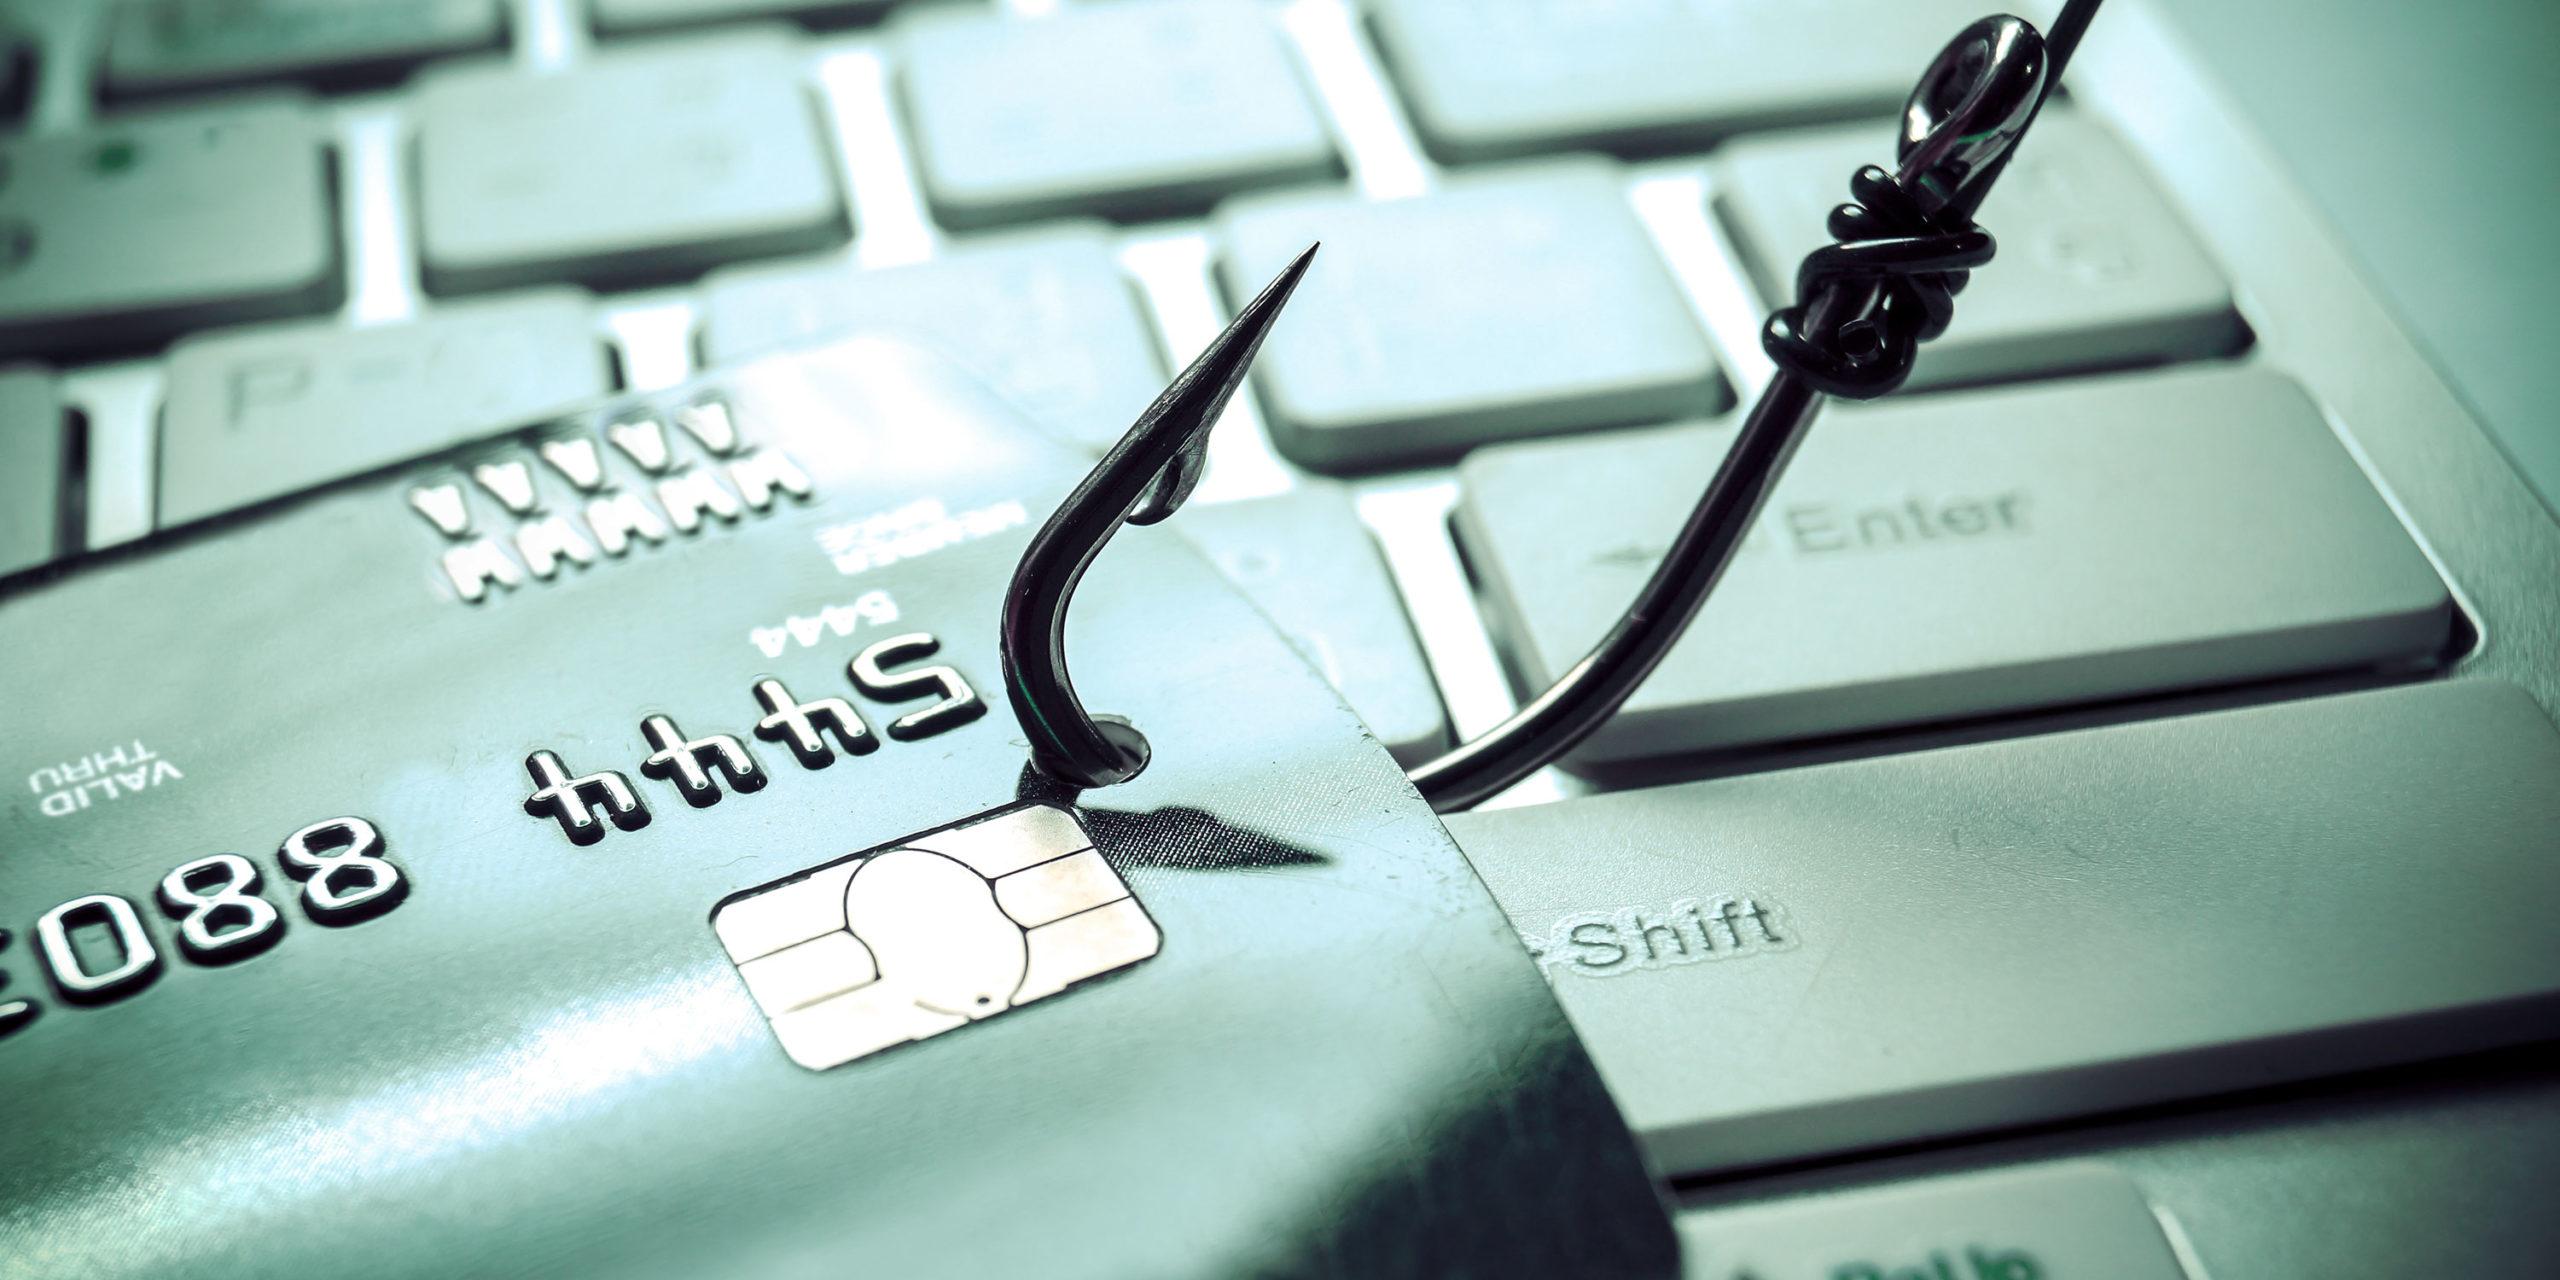 Phishing e responsabilità bancaria: al tempo del Covid 19 purtroppo ancora si abbocca!